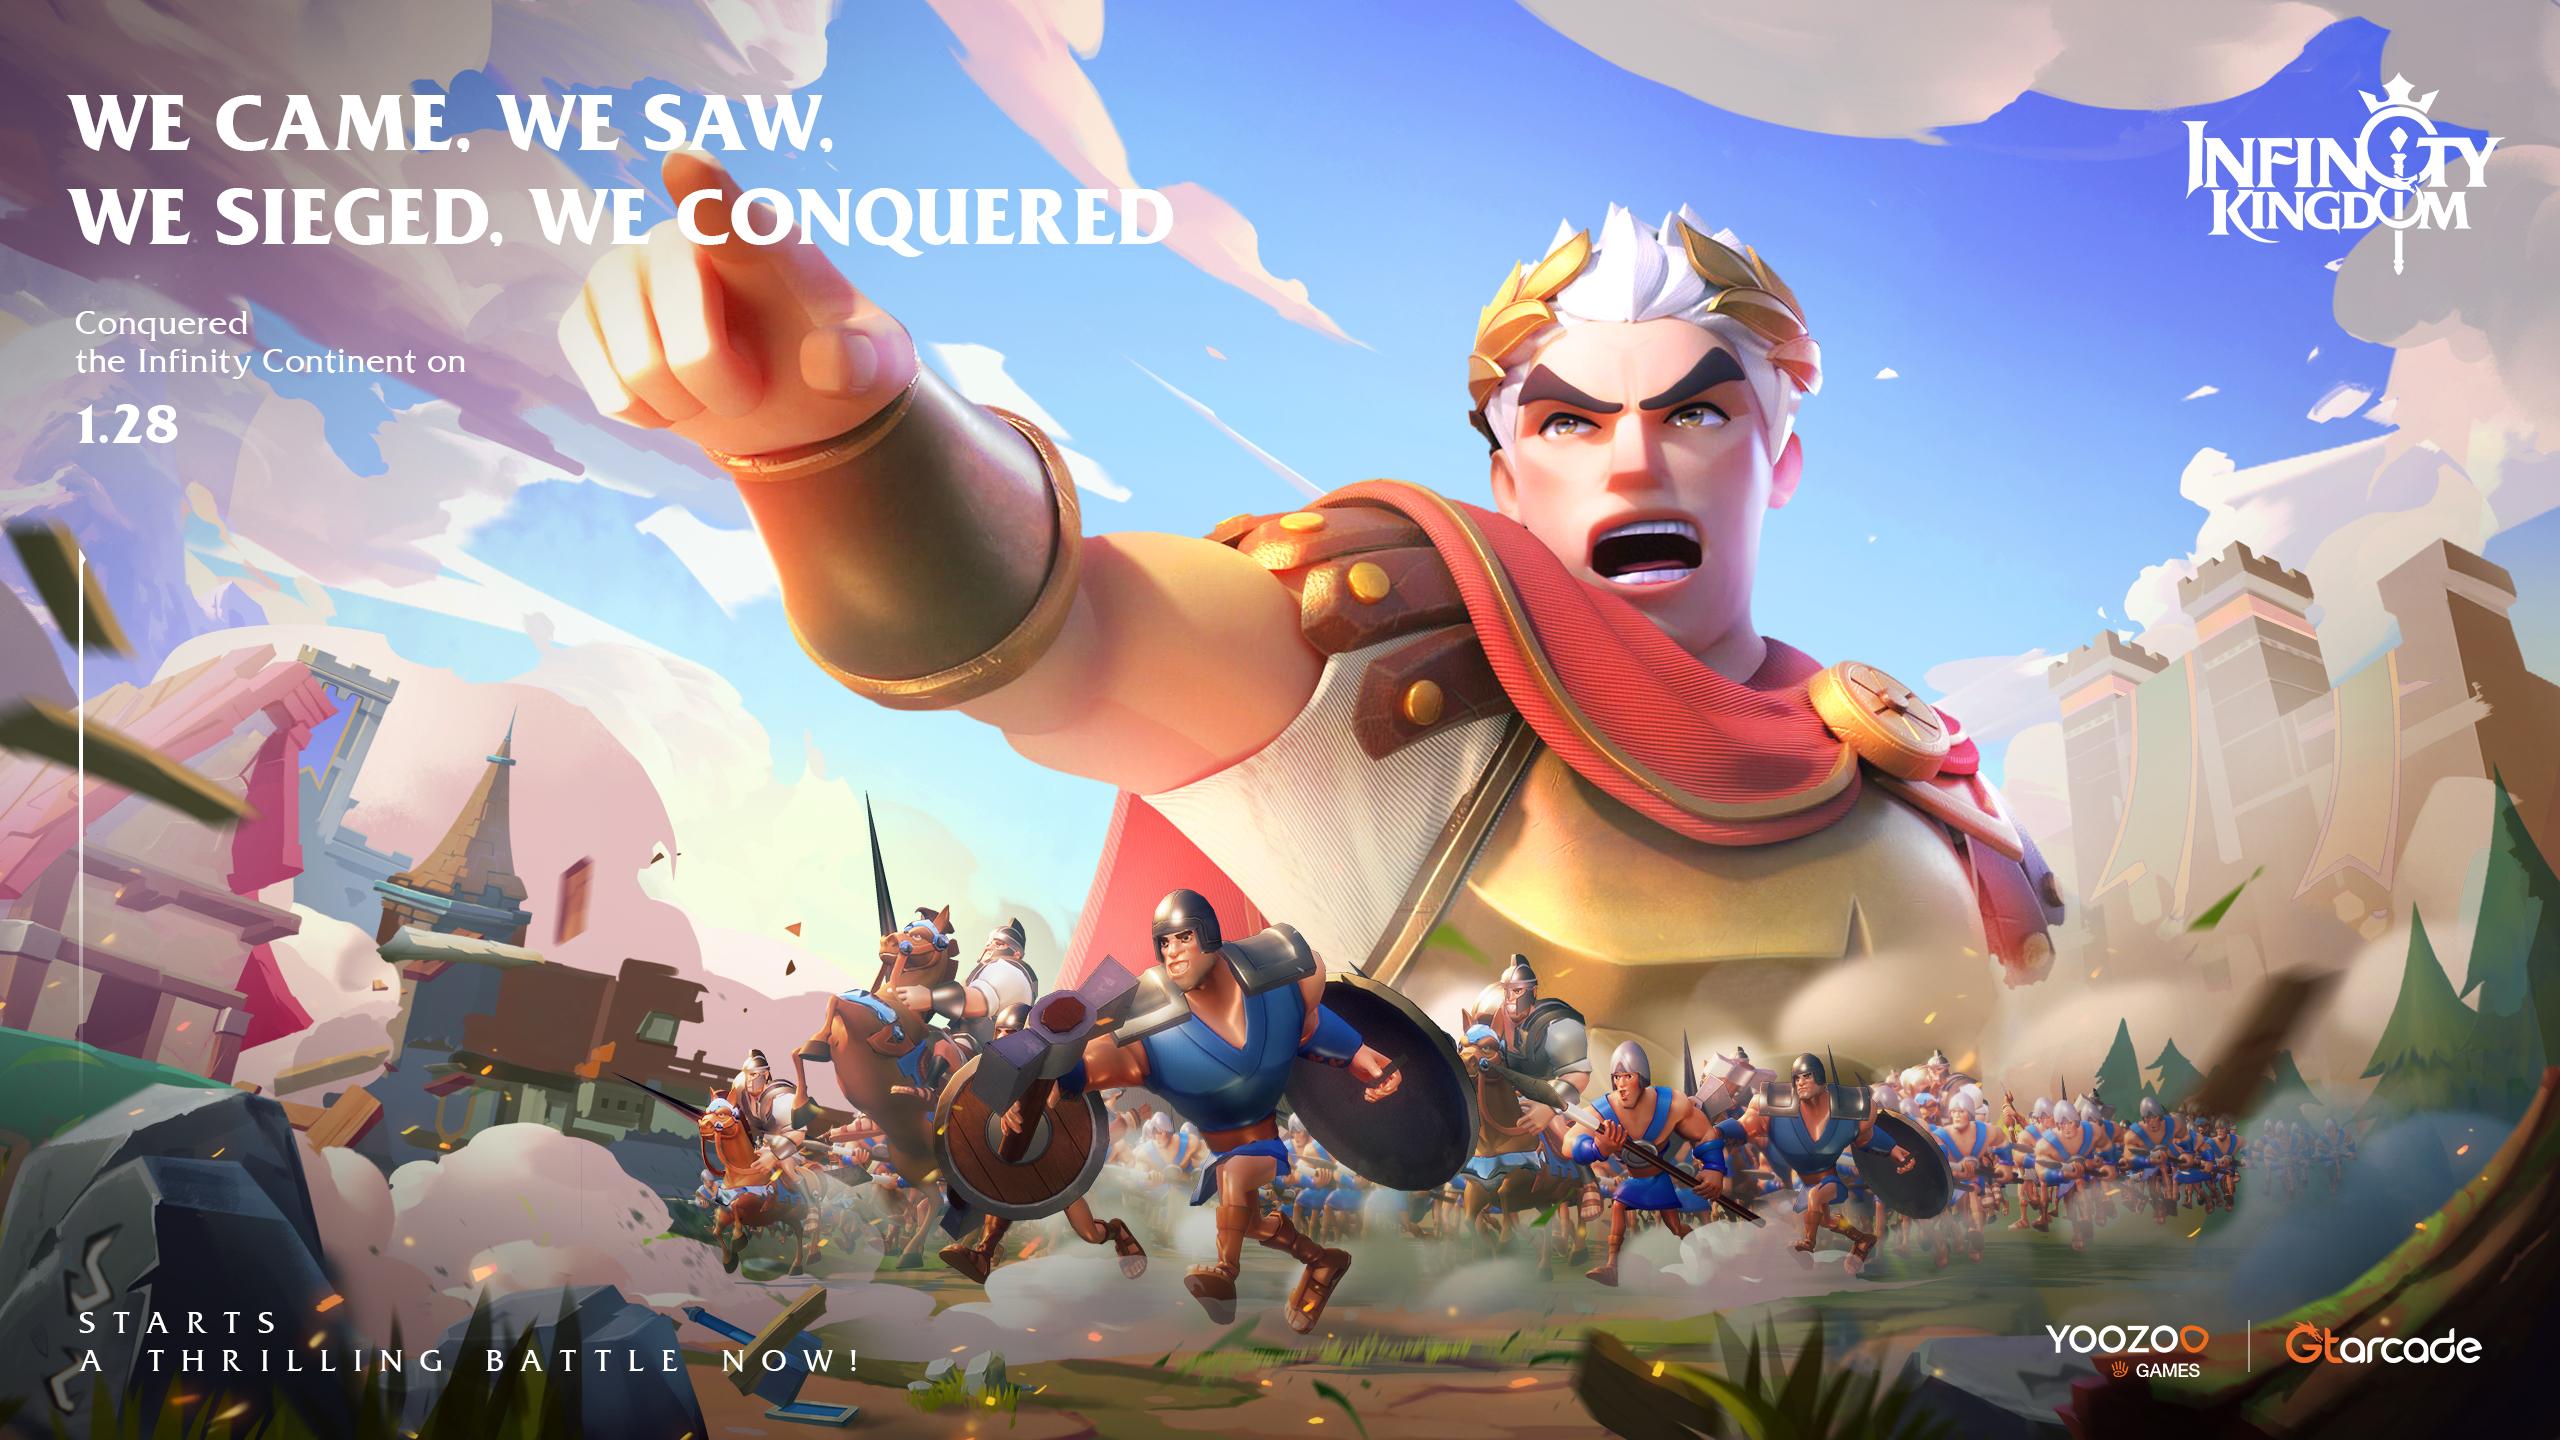 Infinity Kingdom ya está disponible y trae un profundo juego MMO de estrategia a iOS y Android